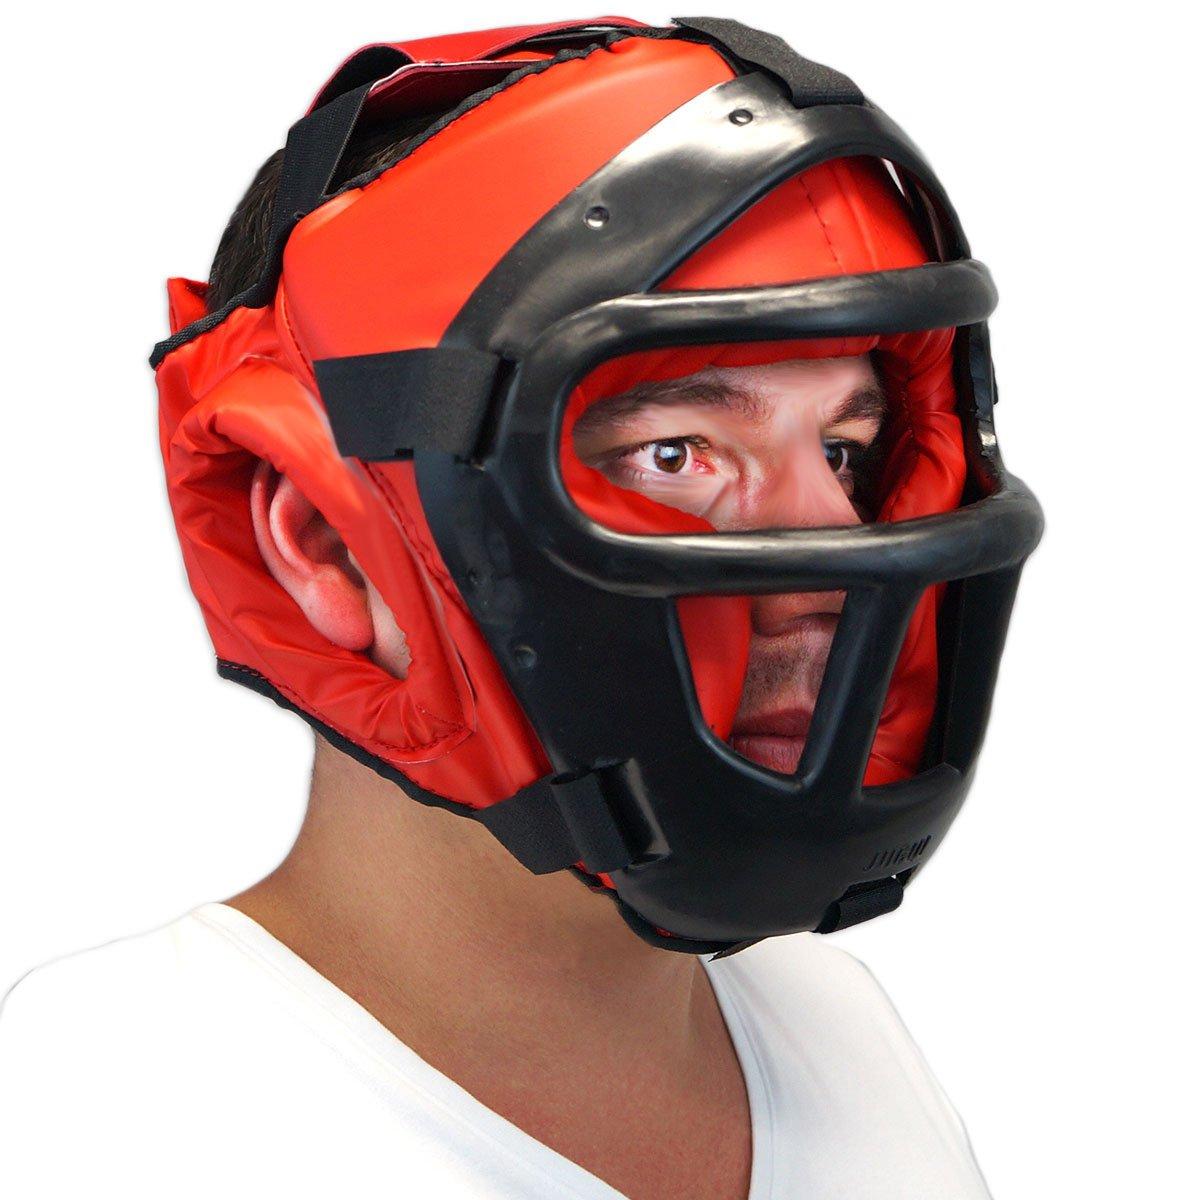 Protetor de cabeça c  grade Jugui - Vermelho - Compre Agora   Netshoes 89cd6b0f9c